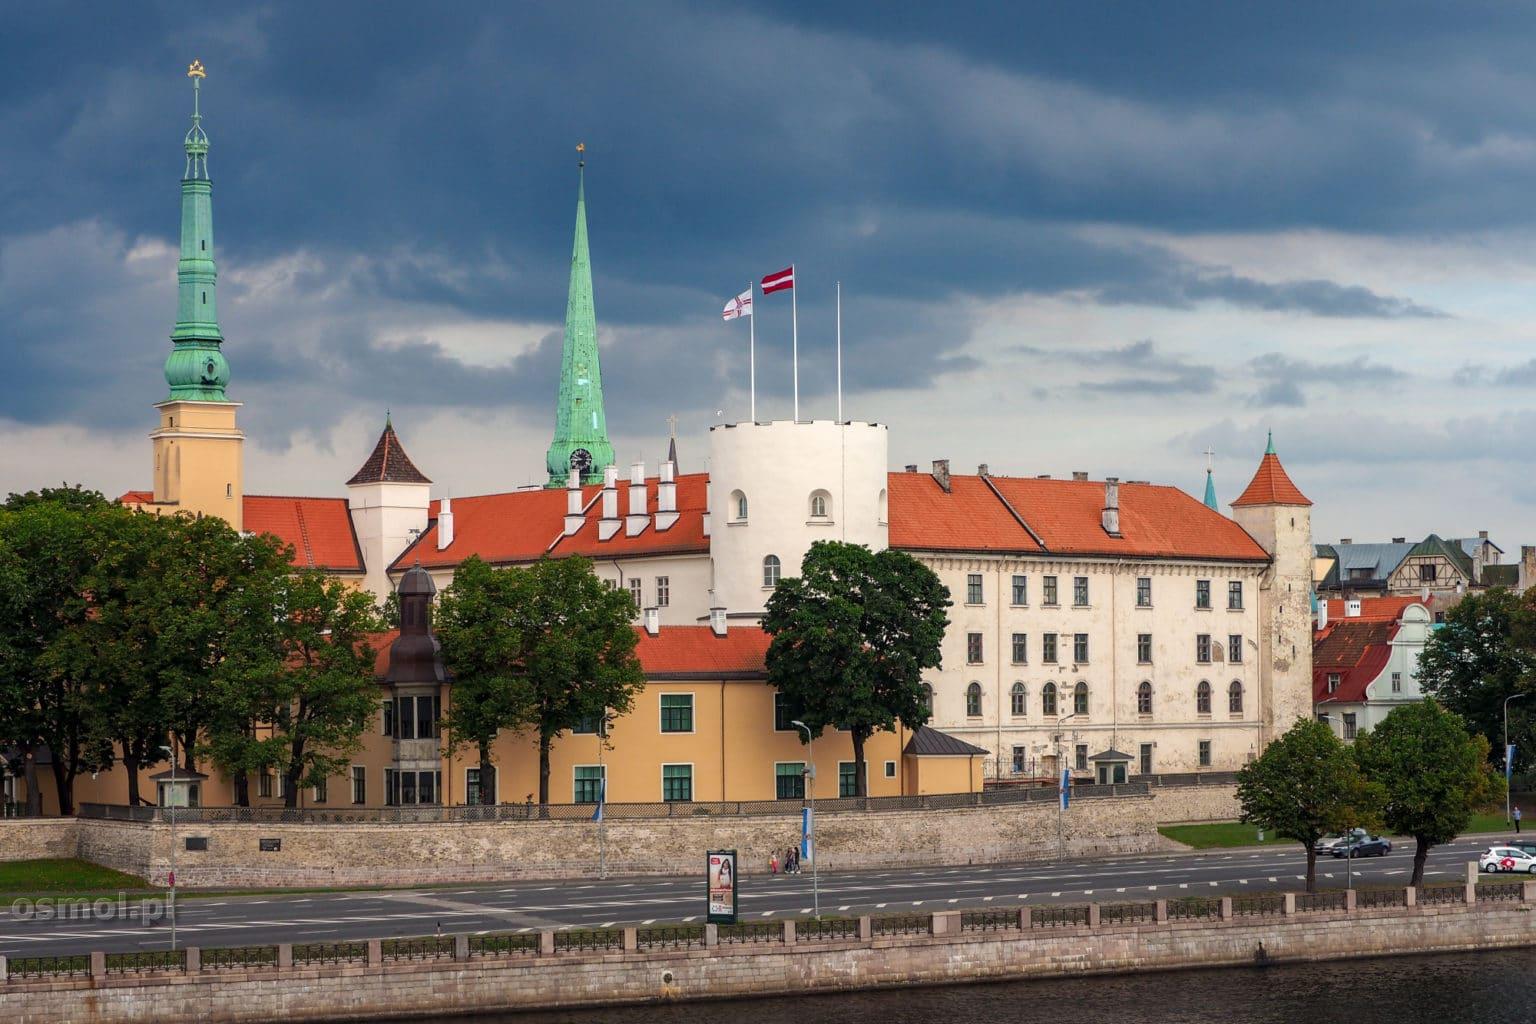 Zamek w Rydze widziany z mostu